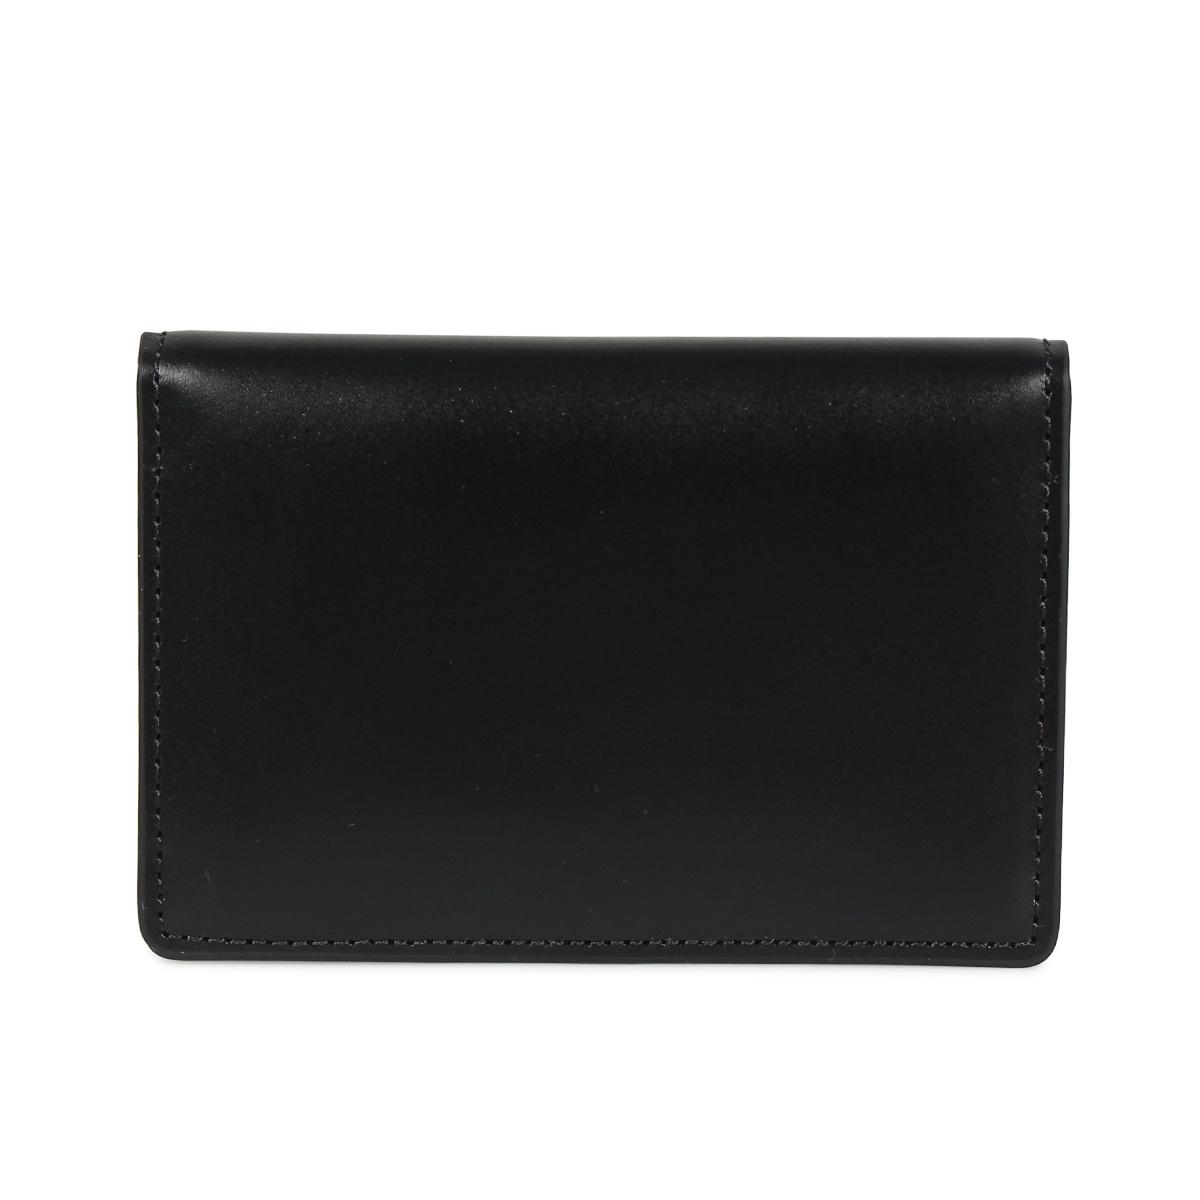 MAISON MARGIELA CARD CASE メゾンマルジェラ カードケース 名刺入れ 定期入れ メンズ レディース レザー ブラック ダーク ネイビー ベージュ ブラウン 黒 S55UI0201 P2714